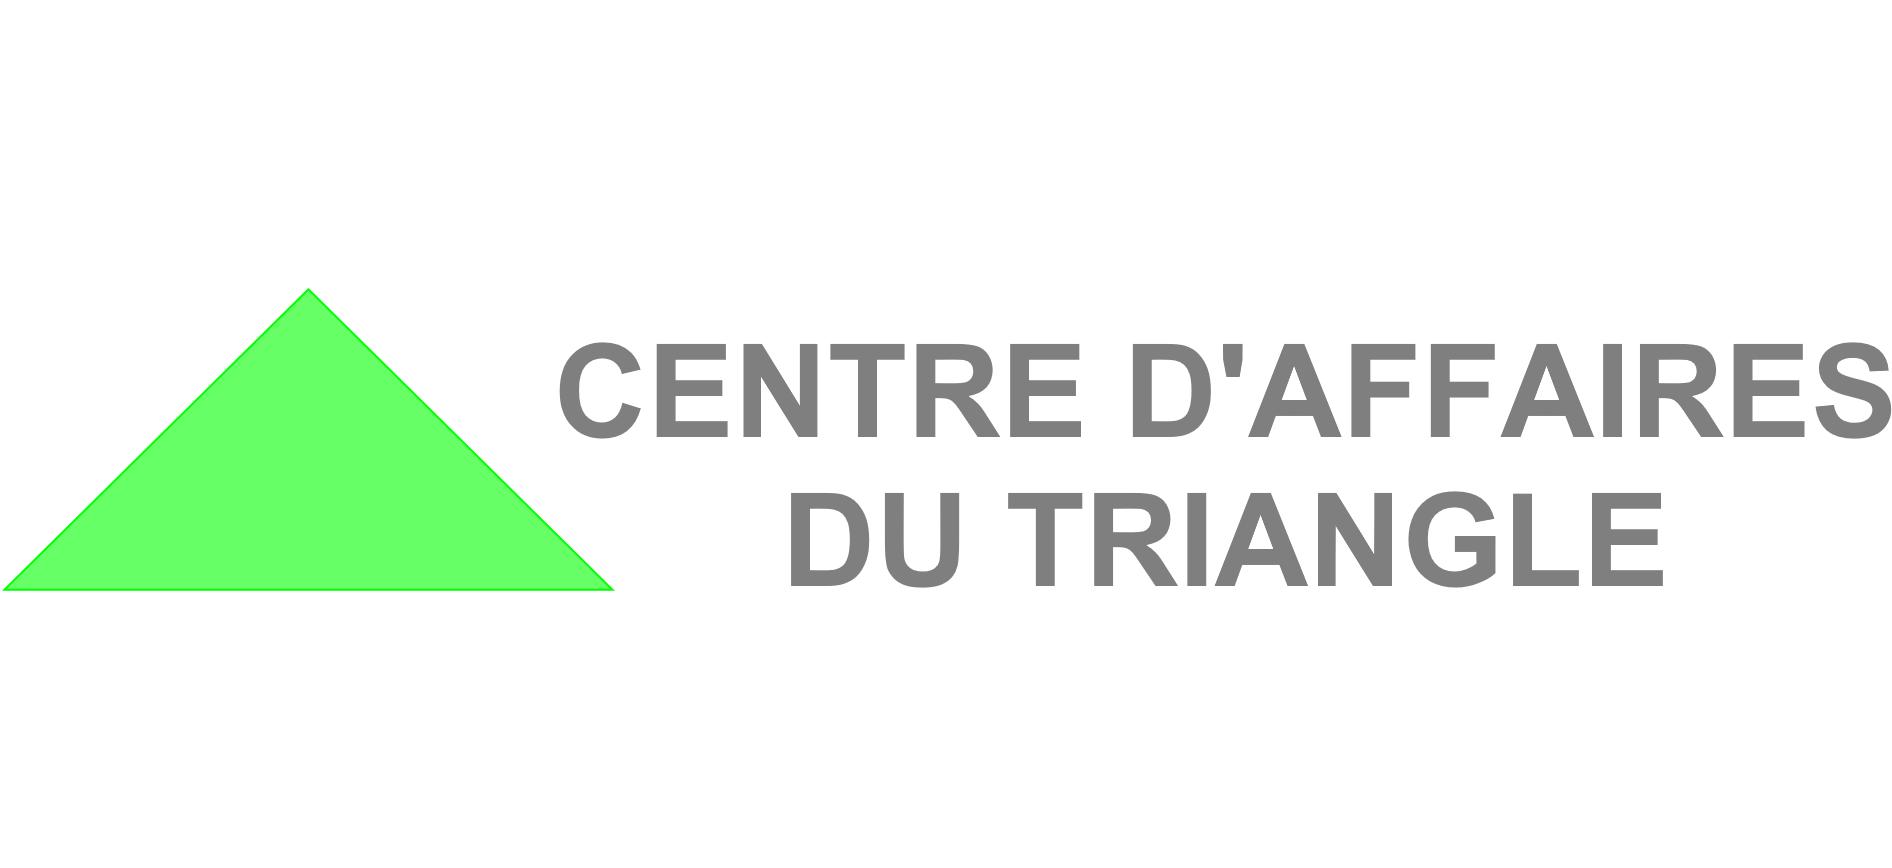 Centre d'Affaires du Triangle